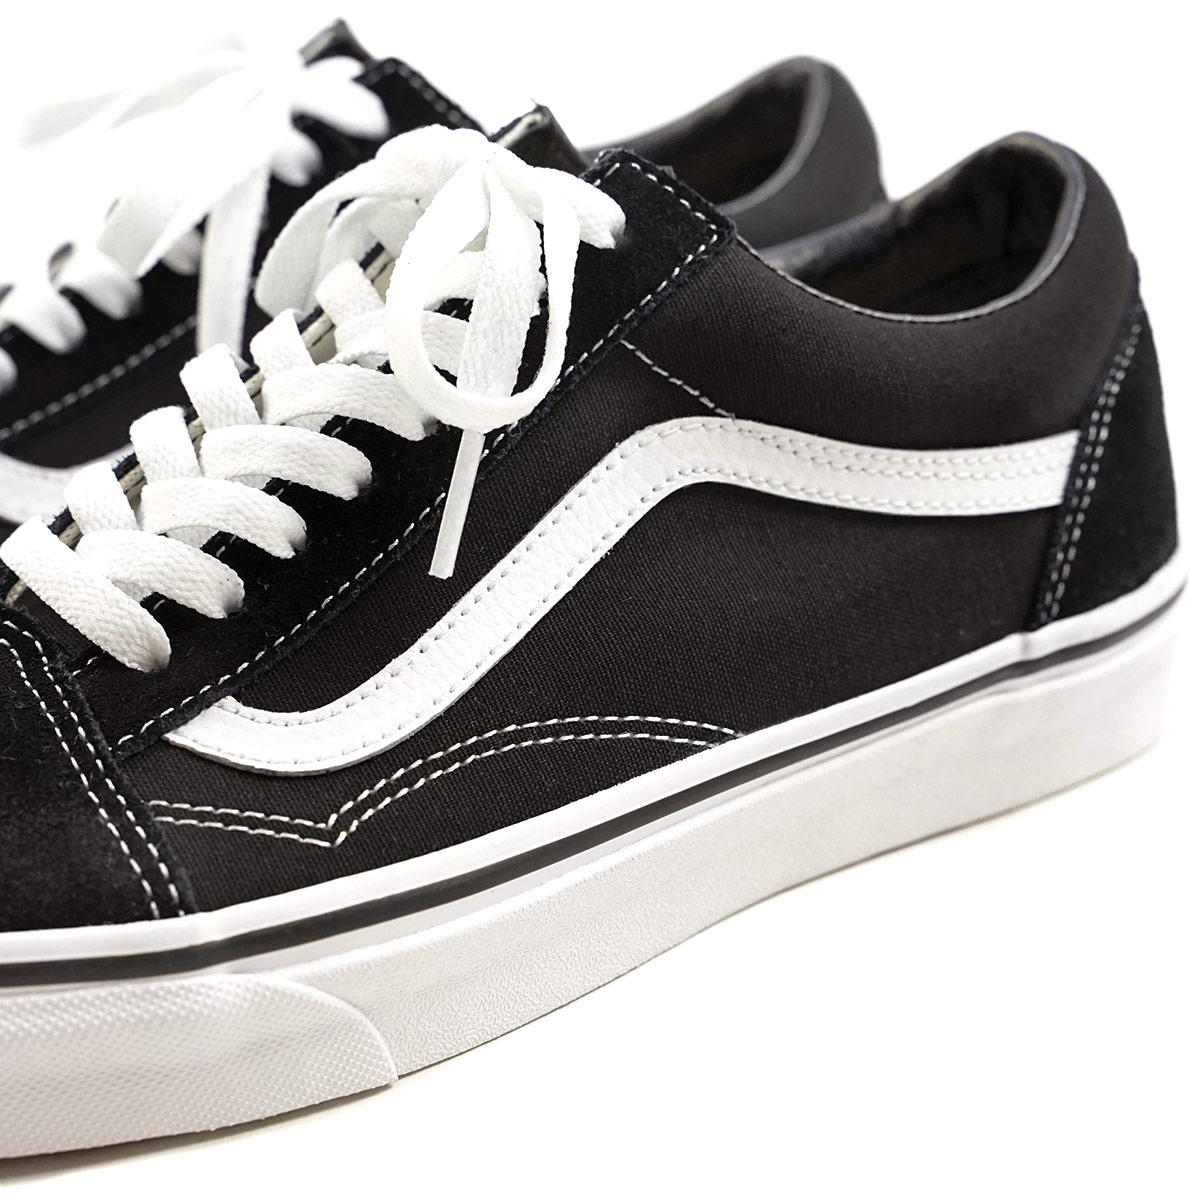 7aed55d53 ... Vans VANS United States standard old school black / white (OLD SKOOL  JAZZ jazz BLACK ...